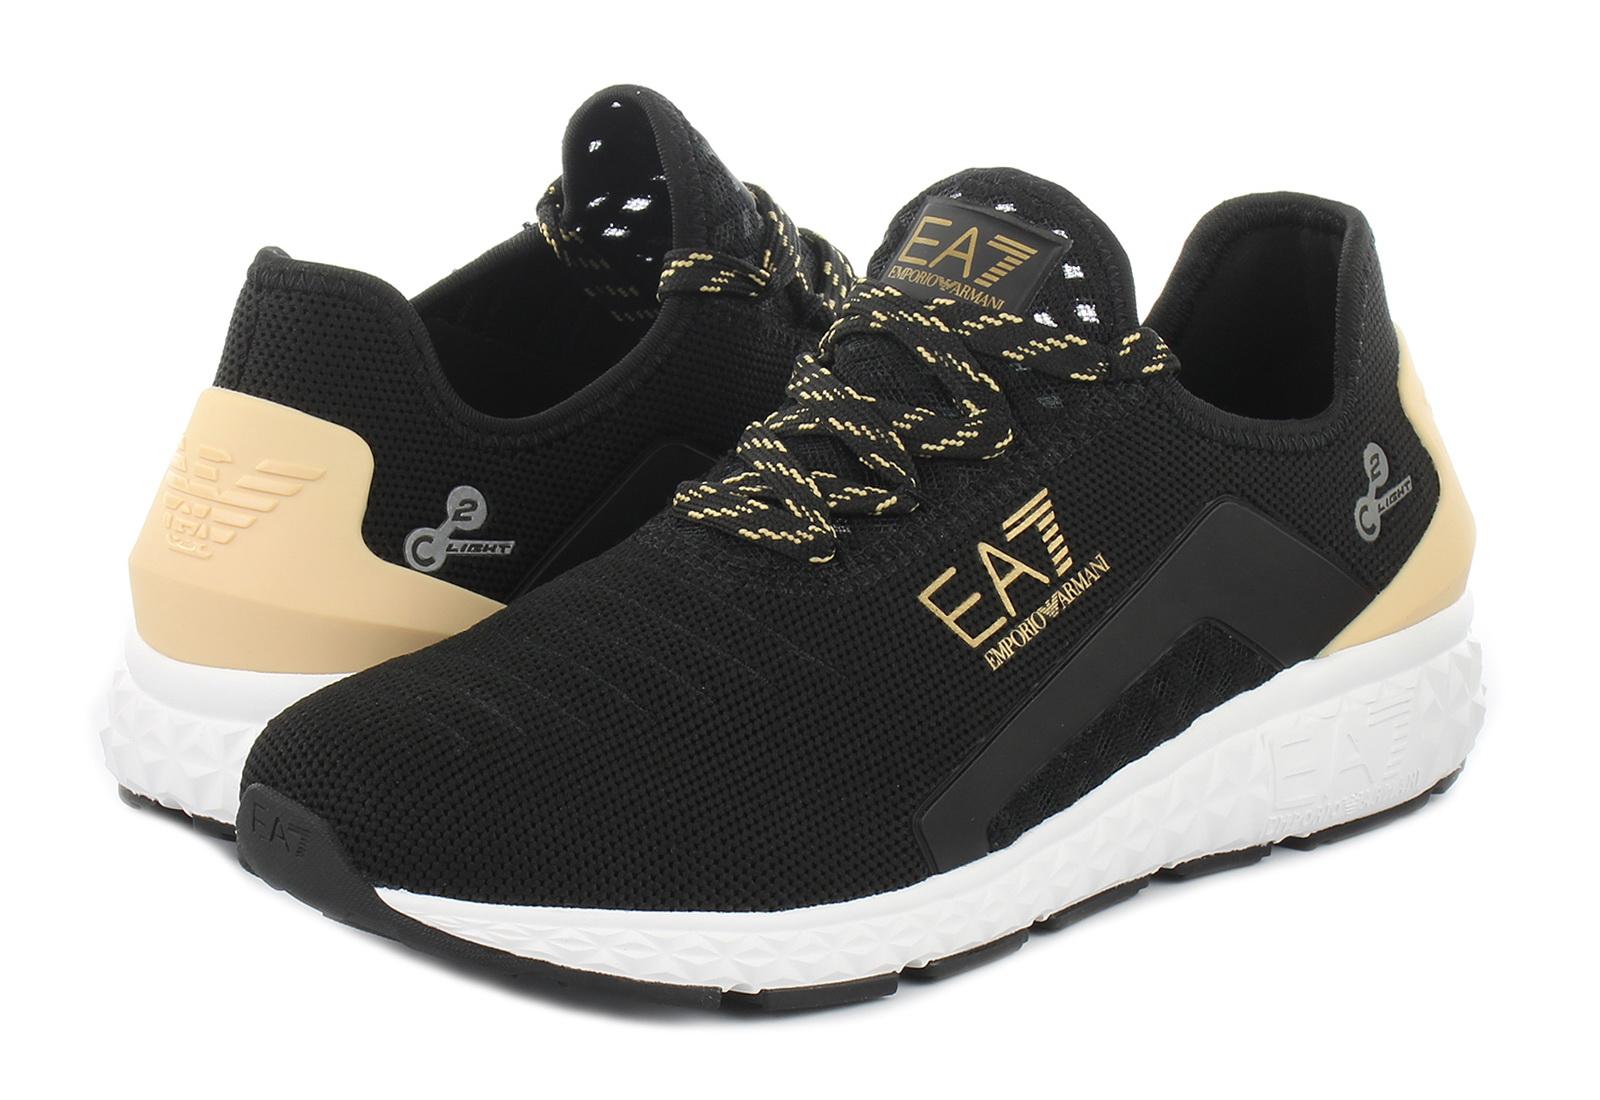 Ea7 Emporio Armani Pantofi X8x054-xk044-m700